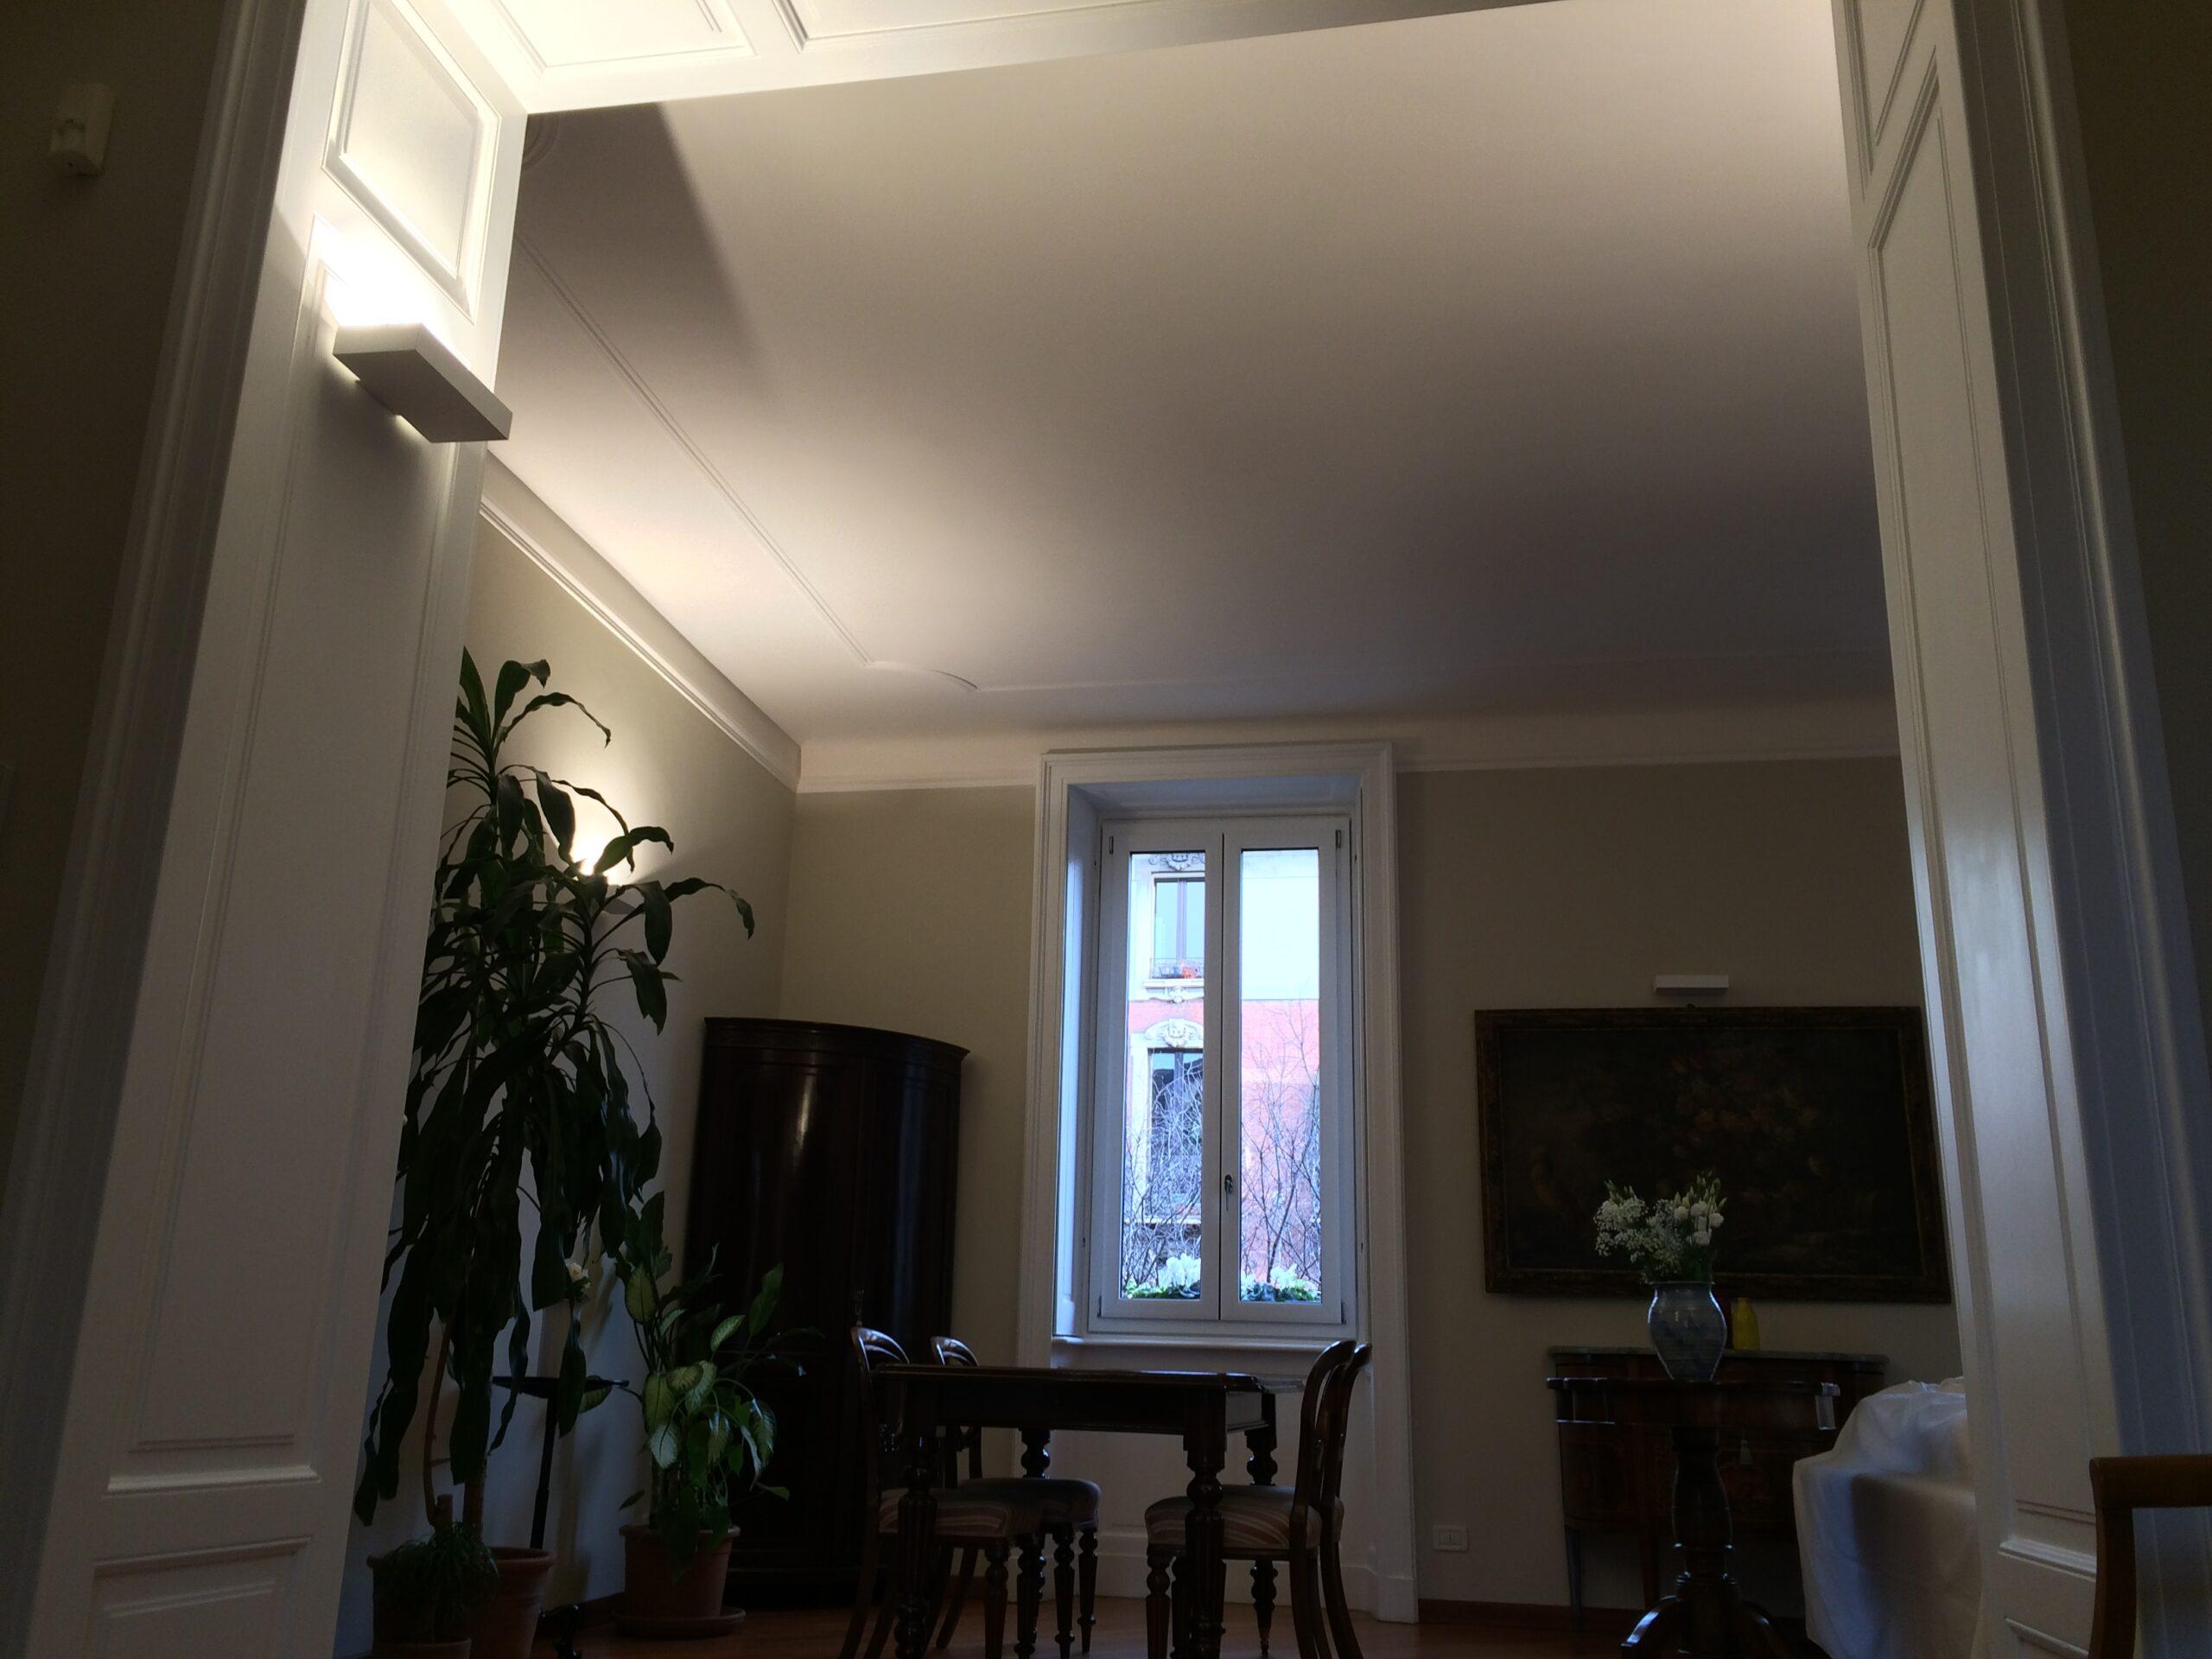 12. Particolare soffitto con decorazioni di gesso in rilievo, illuminazione con applique a parete: lavori ultimati.